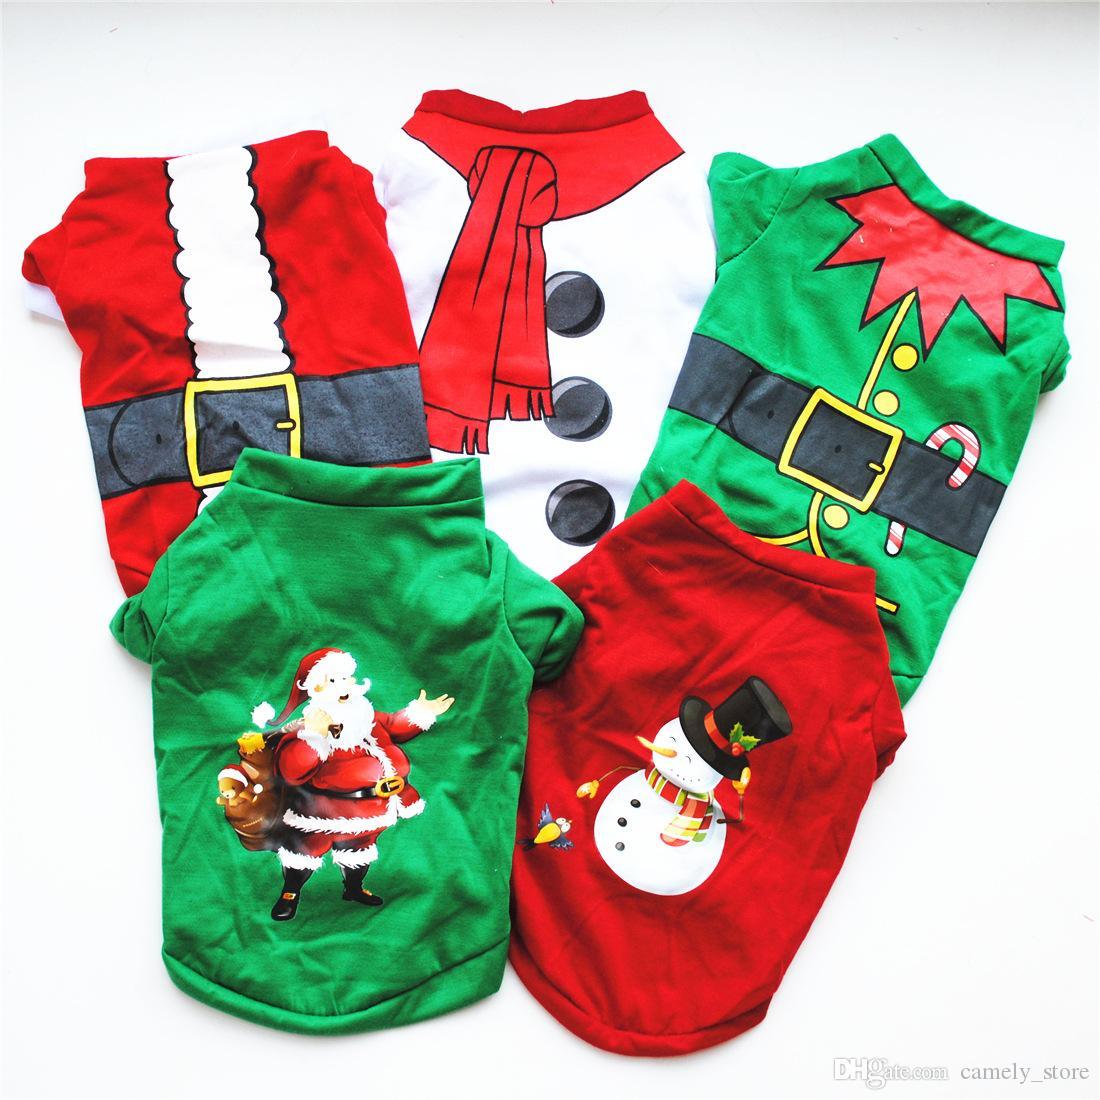 Nette Hundekleidung Weihnachts Kostüme Klassische Baumwoll-T-Shirts Teddybären Spitz-Welpen-Weihnachtskleidung 5 Farben